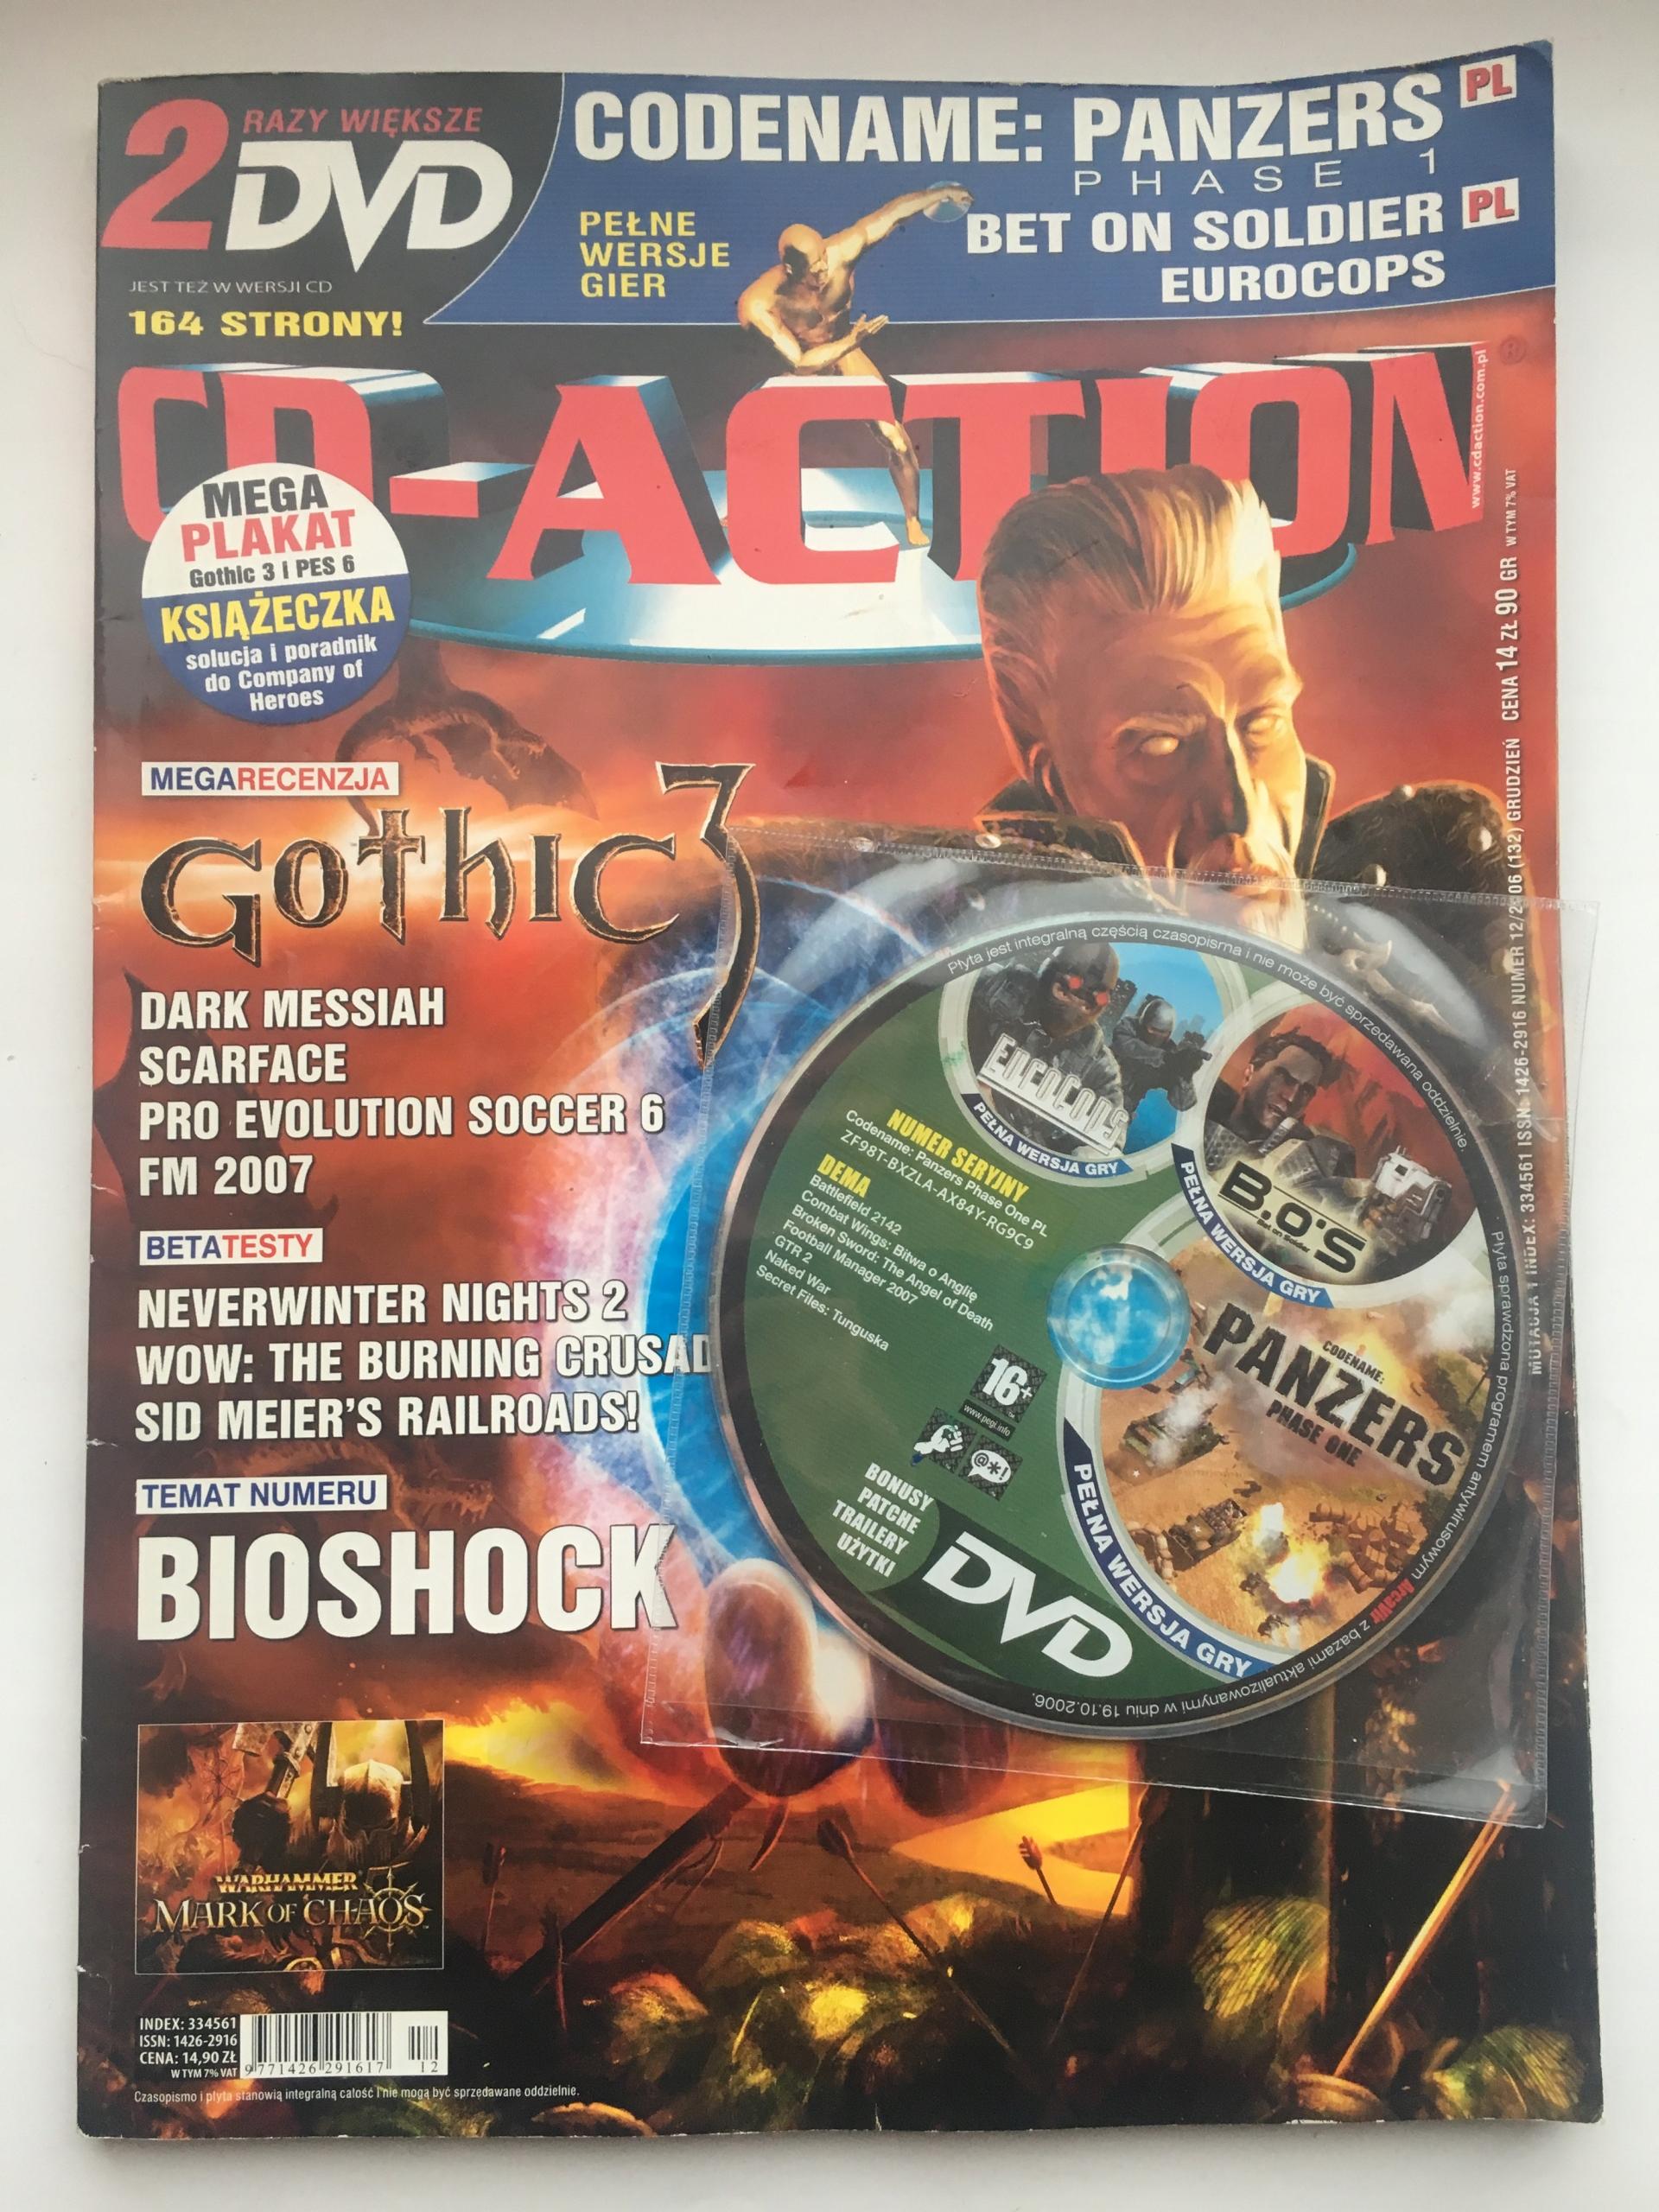 Cd Action Rocznik 2006/2012/2013 Gazeta + Płyta